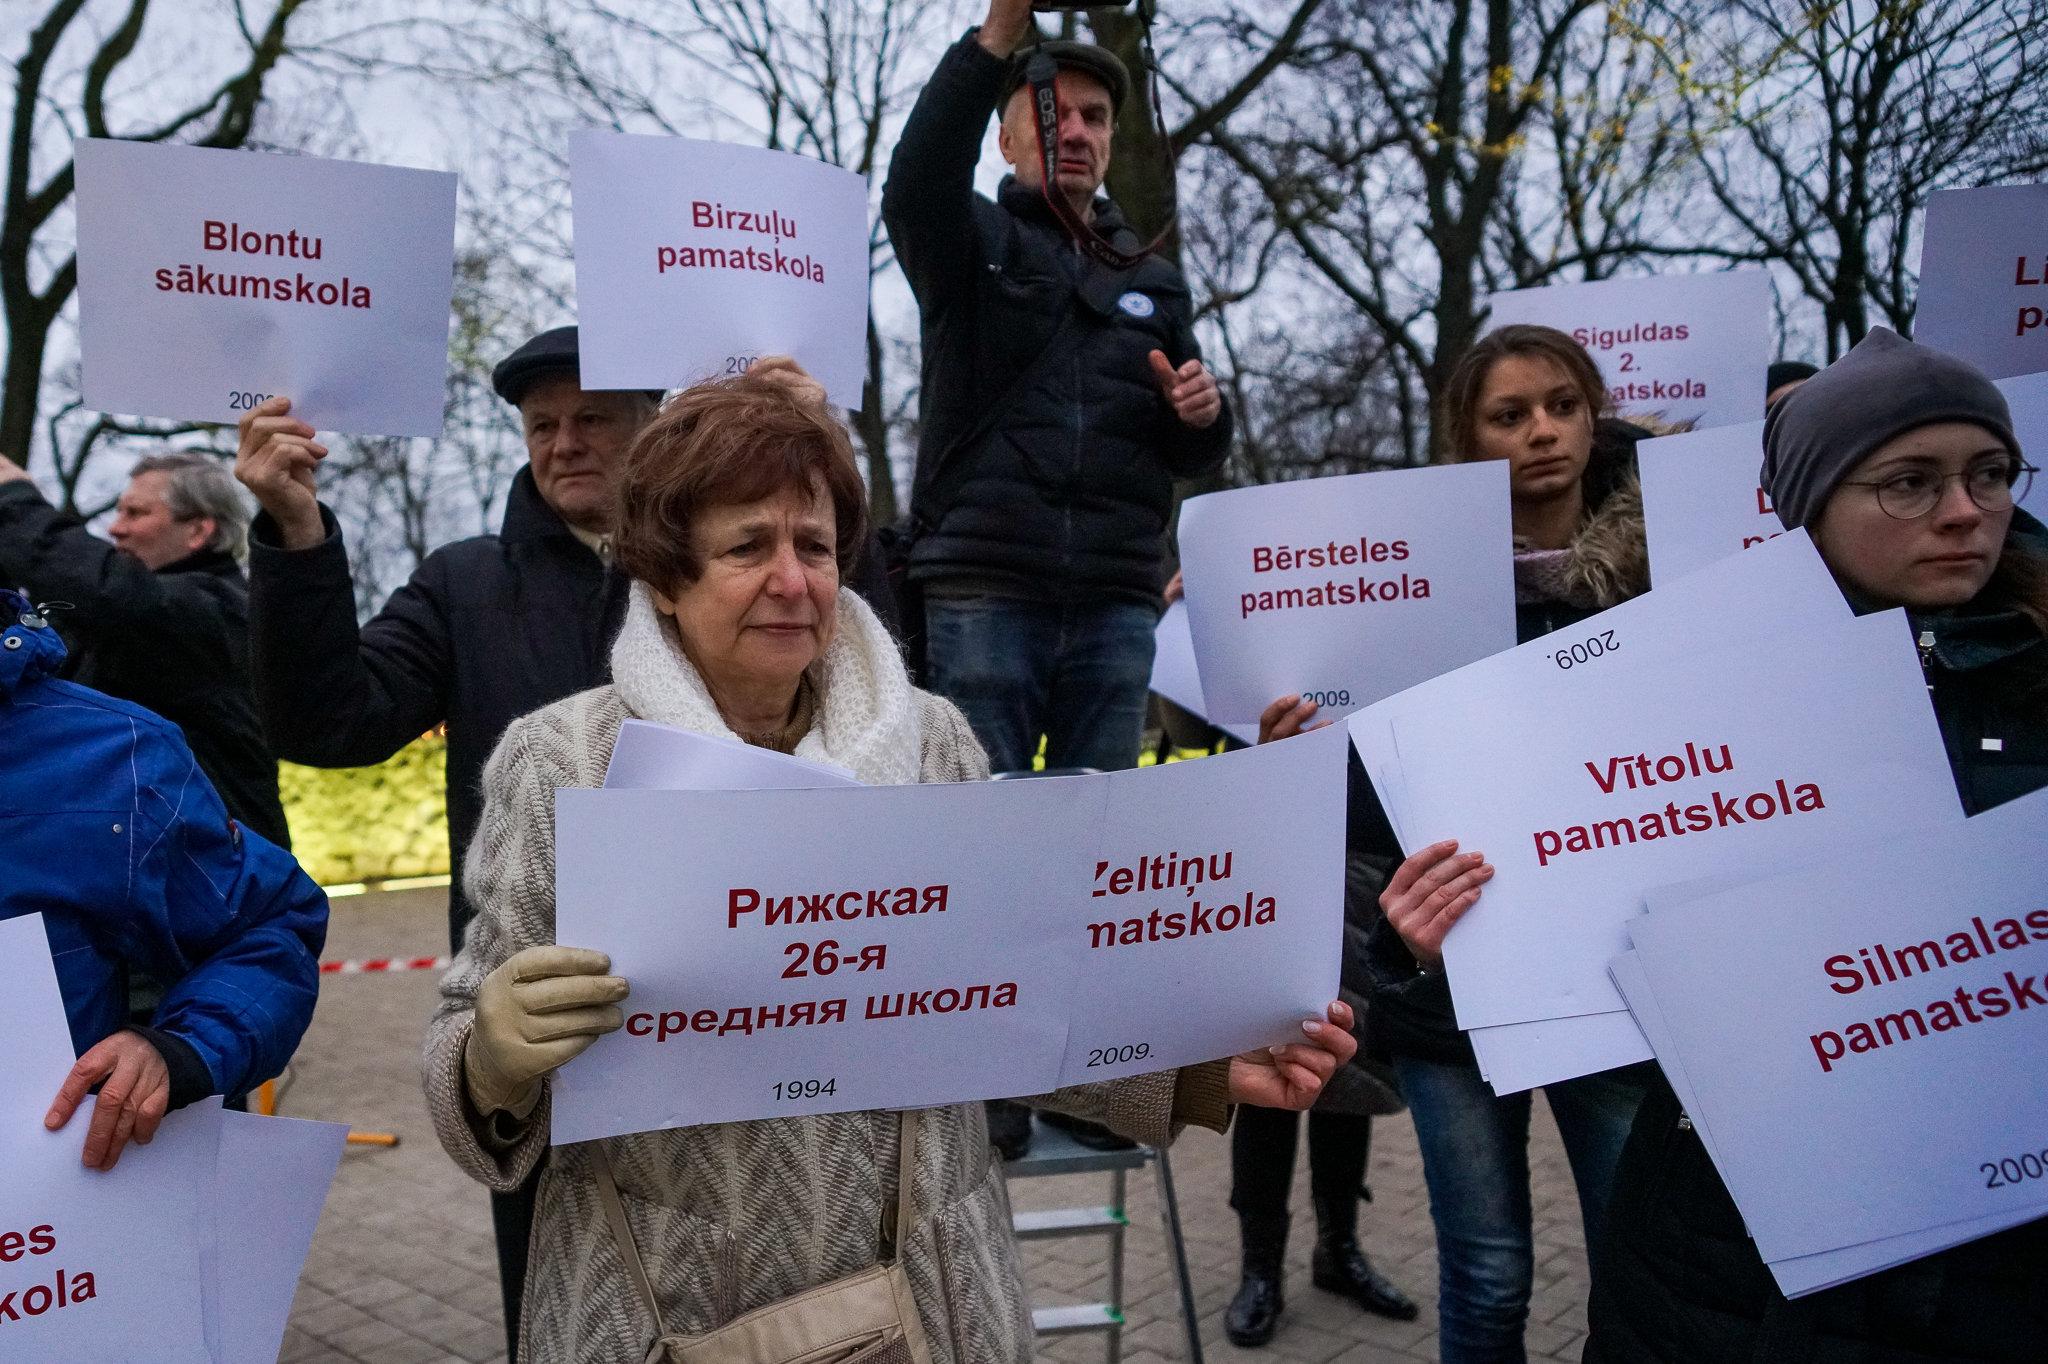 Татьяна Жданок учавствует в Флешмобе-акции в память о закрытых в Латвии учебных заведениях, Рига, 22 ноября 2018